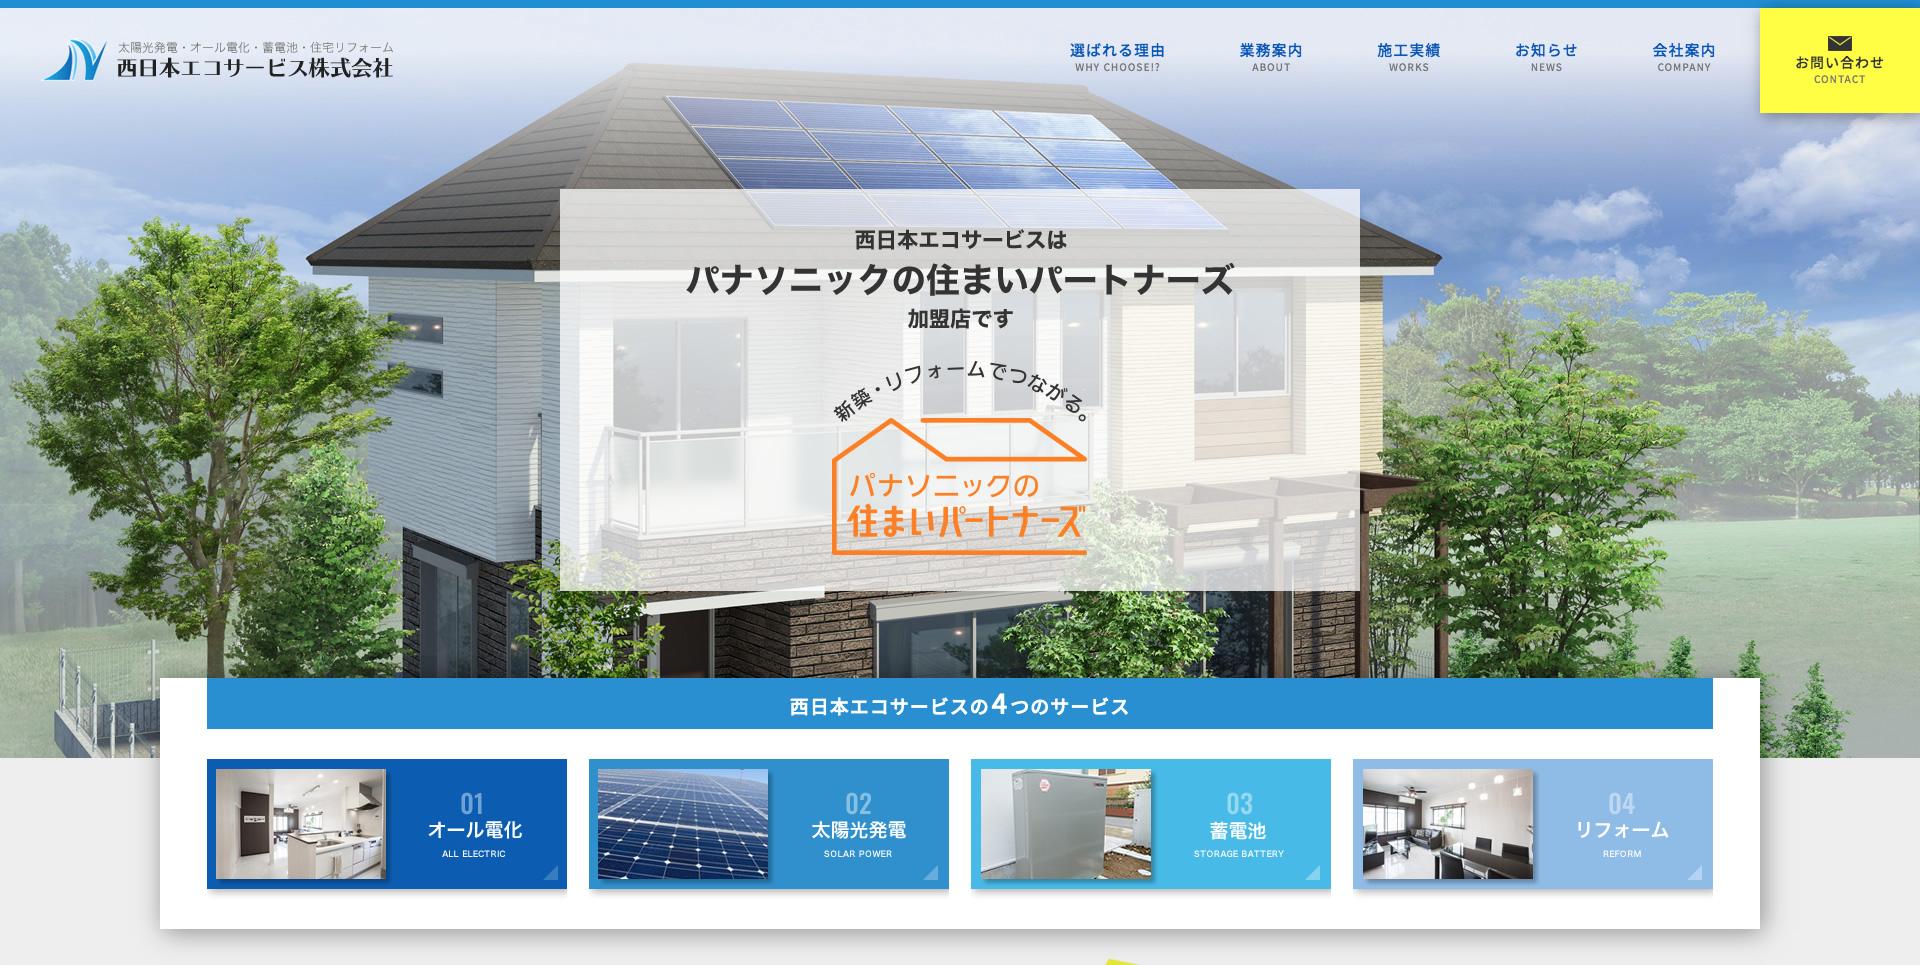 西日本エコサービス株式会社